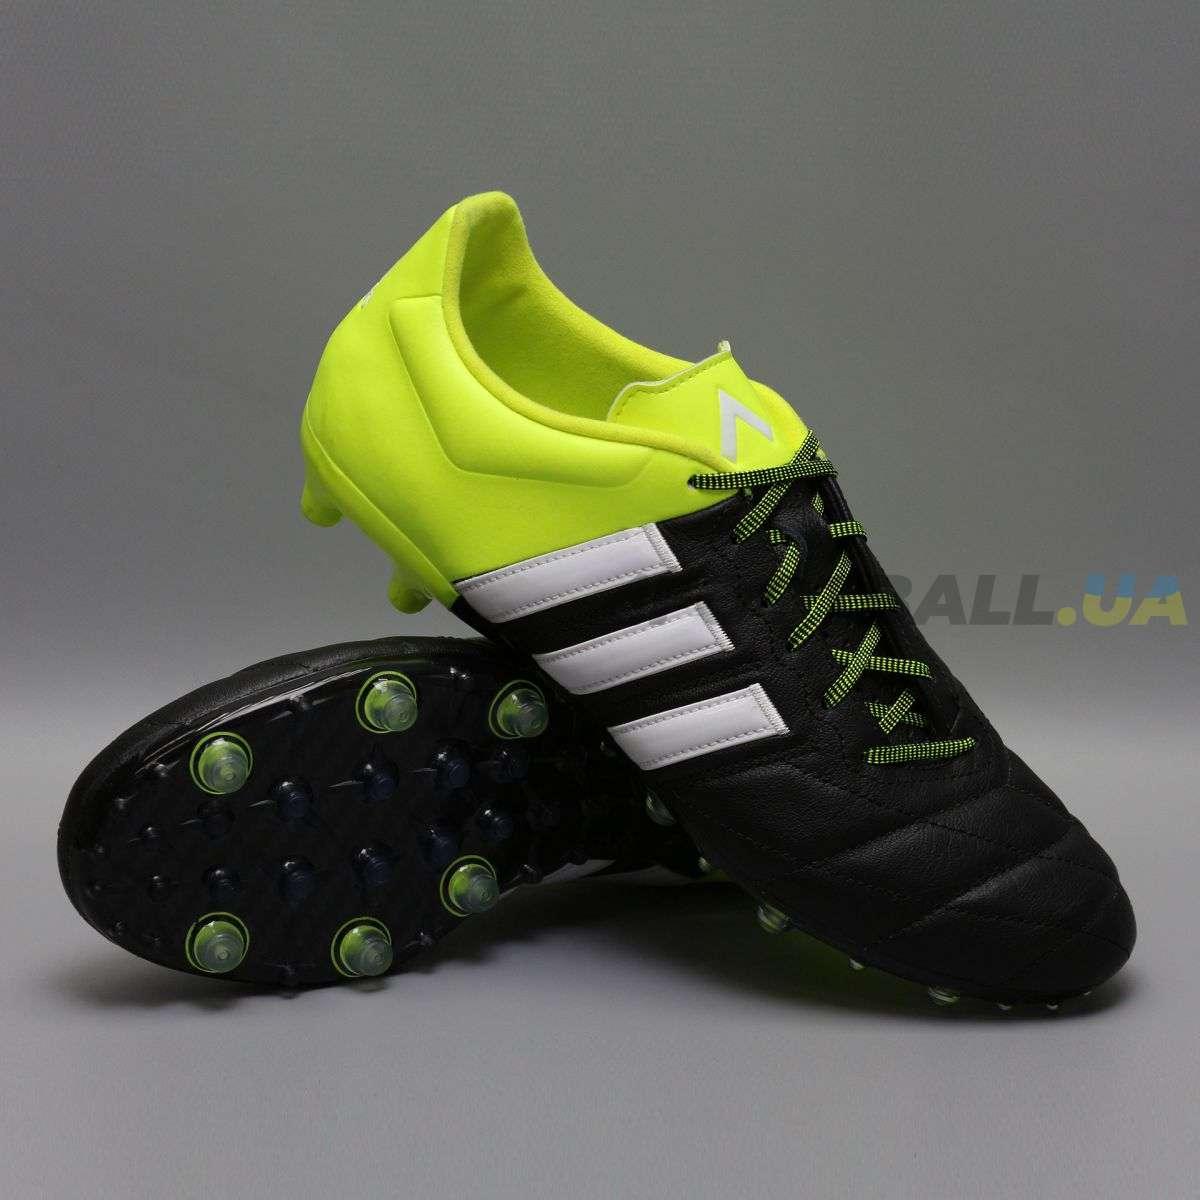 c4a0d6219dd1 🥇 Бутсы — купить профессиональные футбольные бутсы с носком   Цена ...